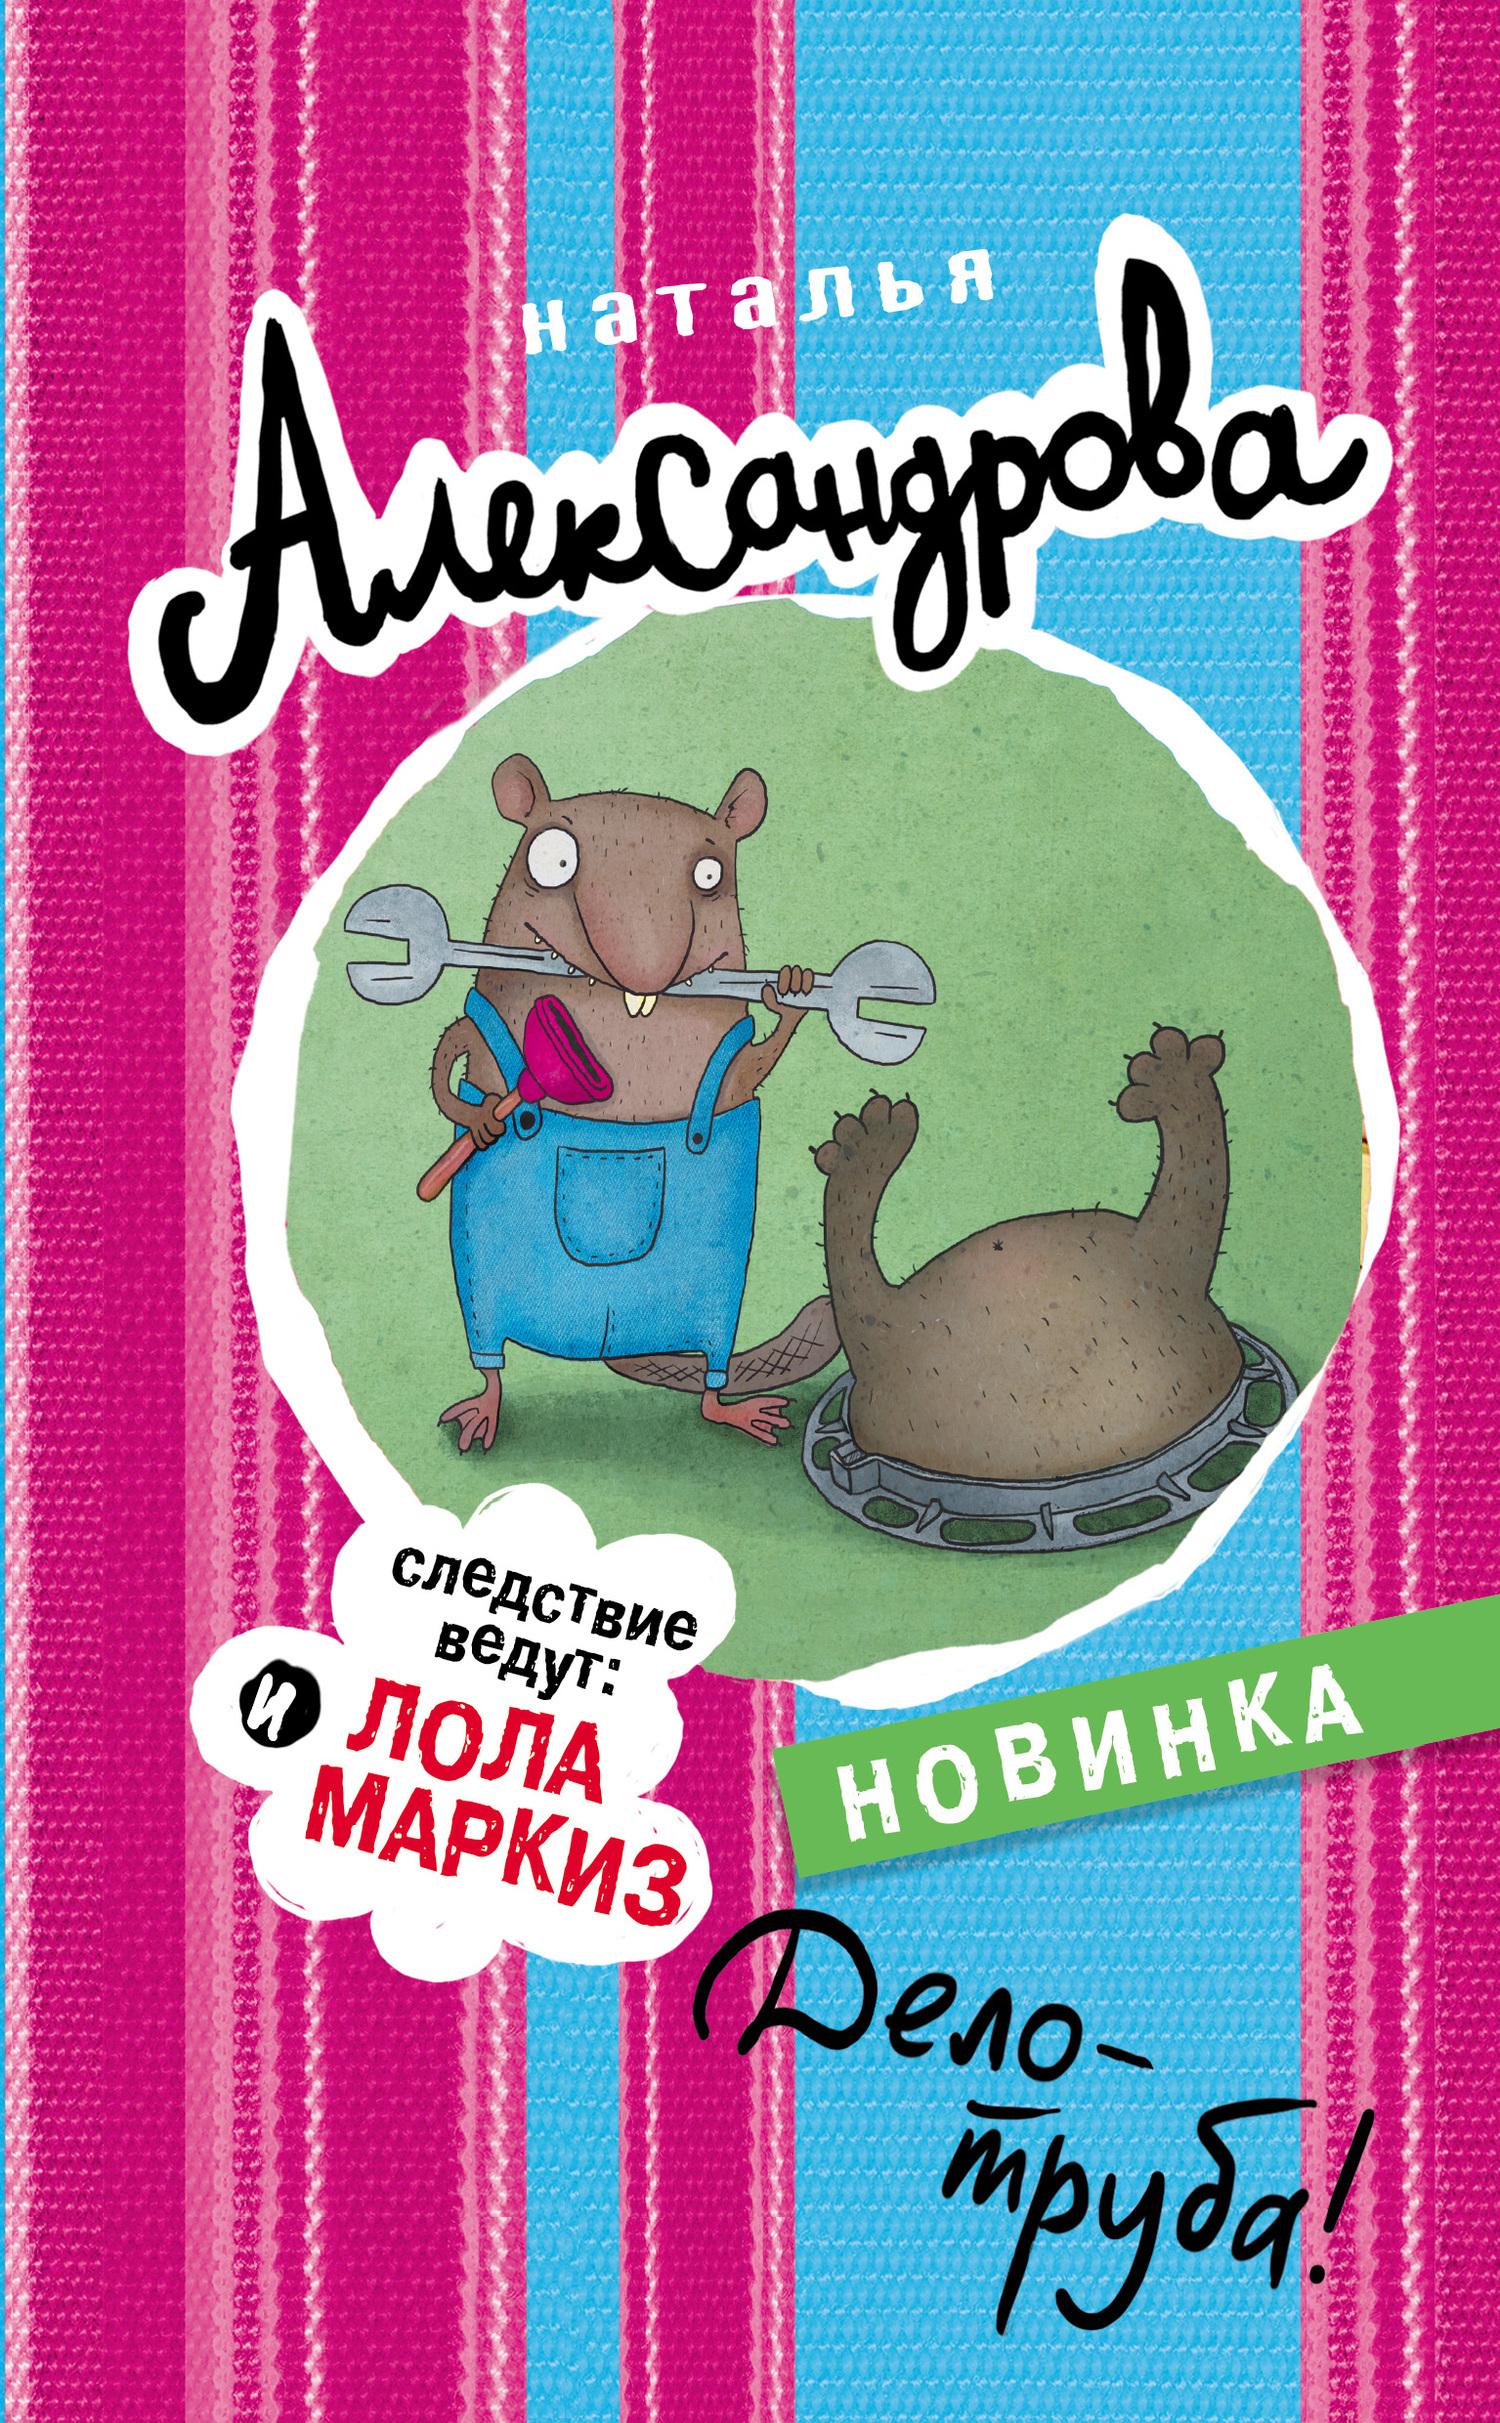 Наталья Александрова - Дело – труба!